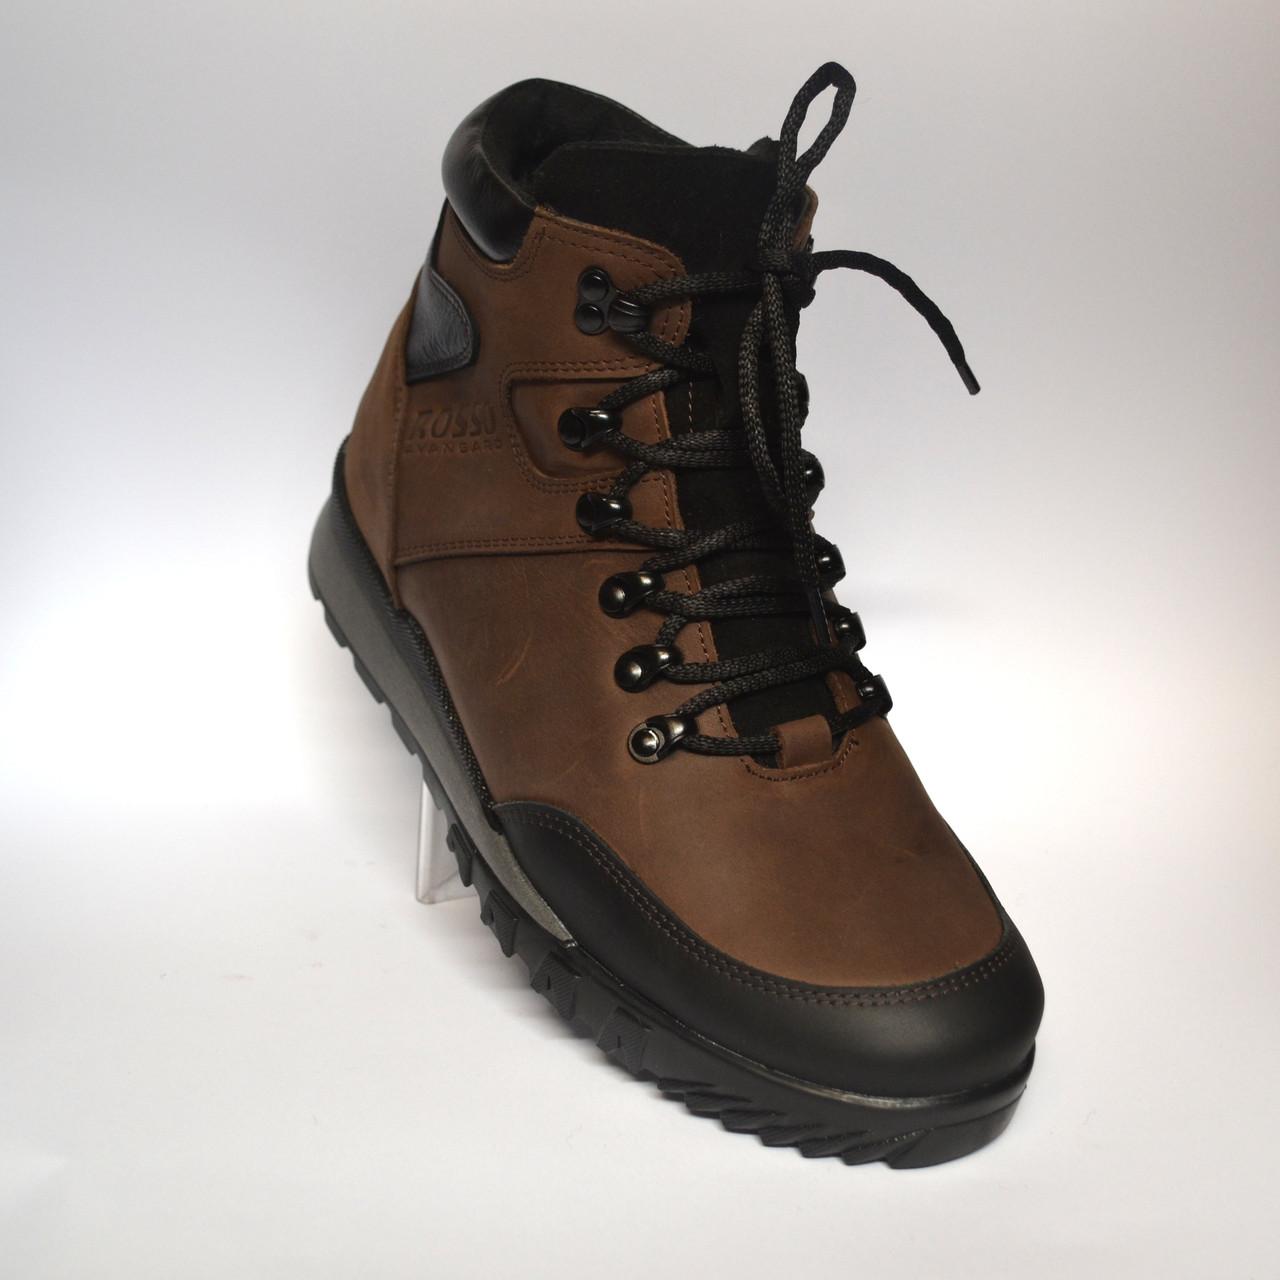 Коричневые Зимние Мужские Ботинки Rosso Avangard Lomerback Grayline Brown  Кожа 45 — в Категории